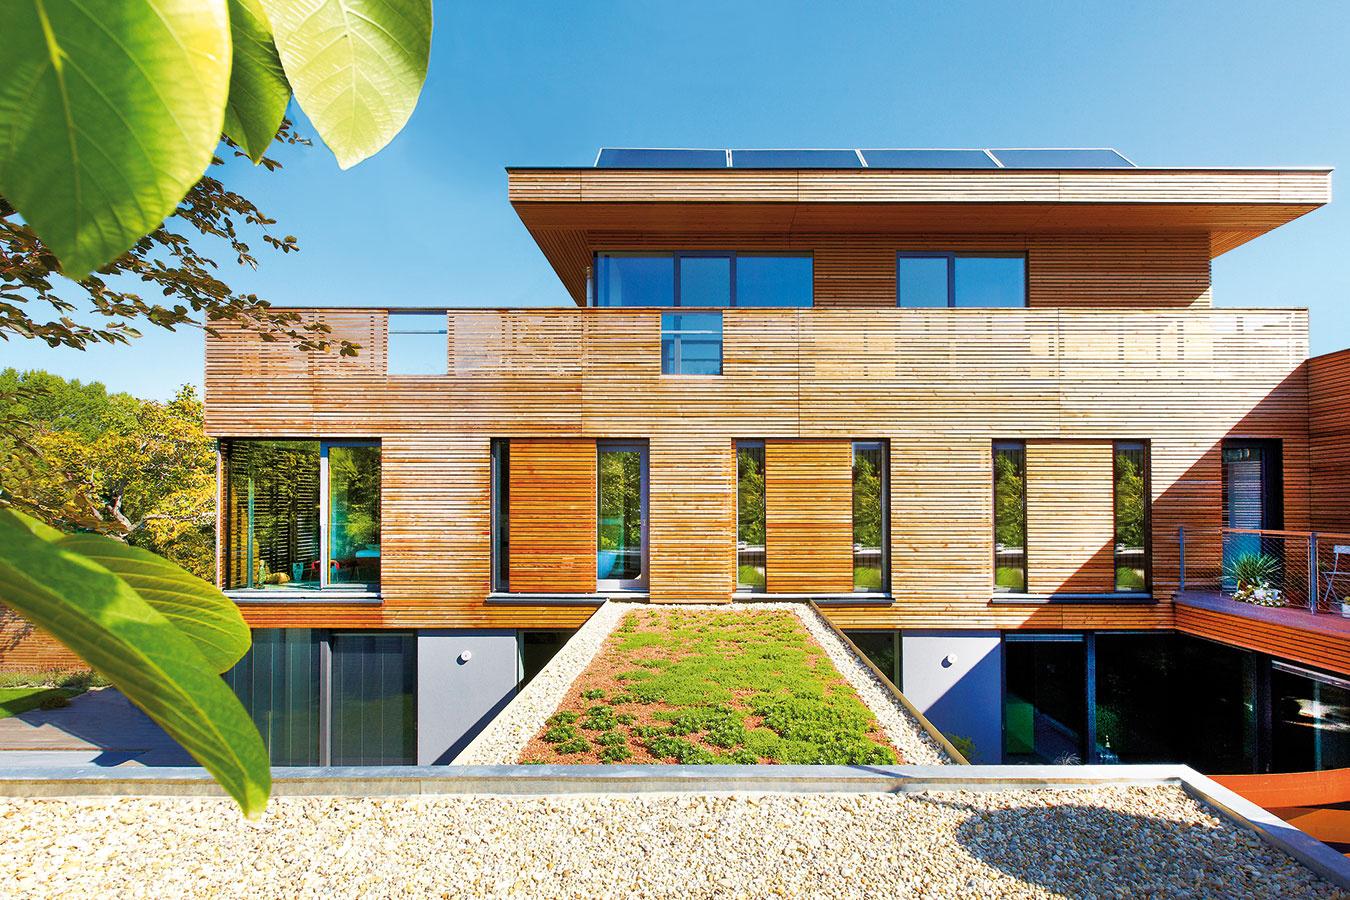 Posuvné okenice sú štandardne hliníkové, keďže tento materiál dobre odoláva poveternostným vplyvom aj teplotným výkyvom. Výplň panelov však môže byť vyhotovená aj na mieru podľa architektúry domu, napríklad z drevených lamiel či dekoračných materiálov. (www.shadowsys.sk)